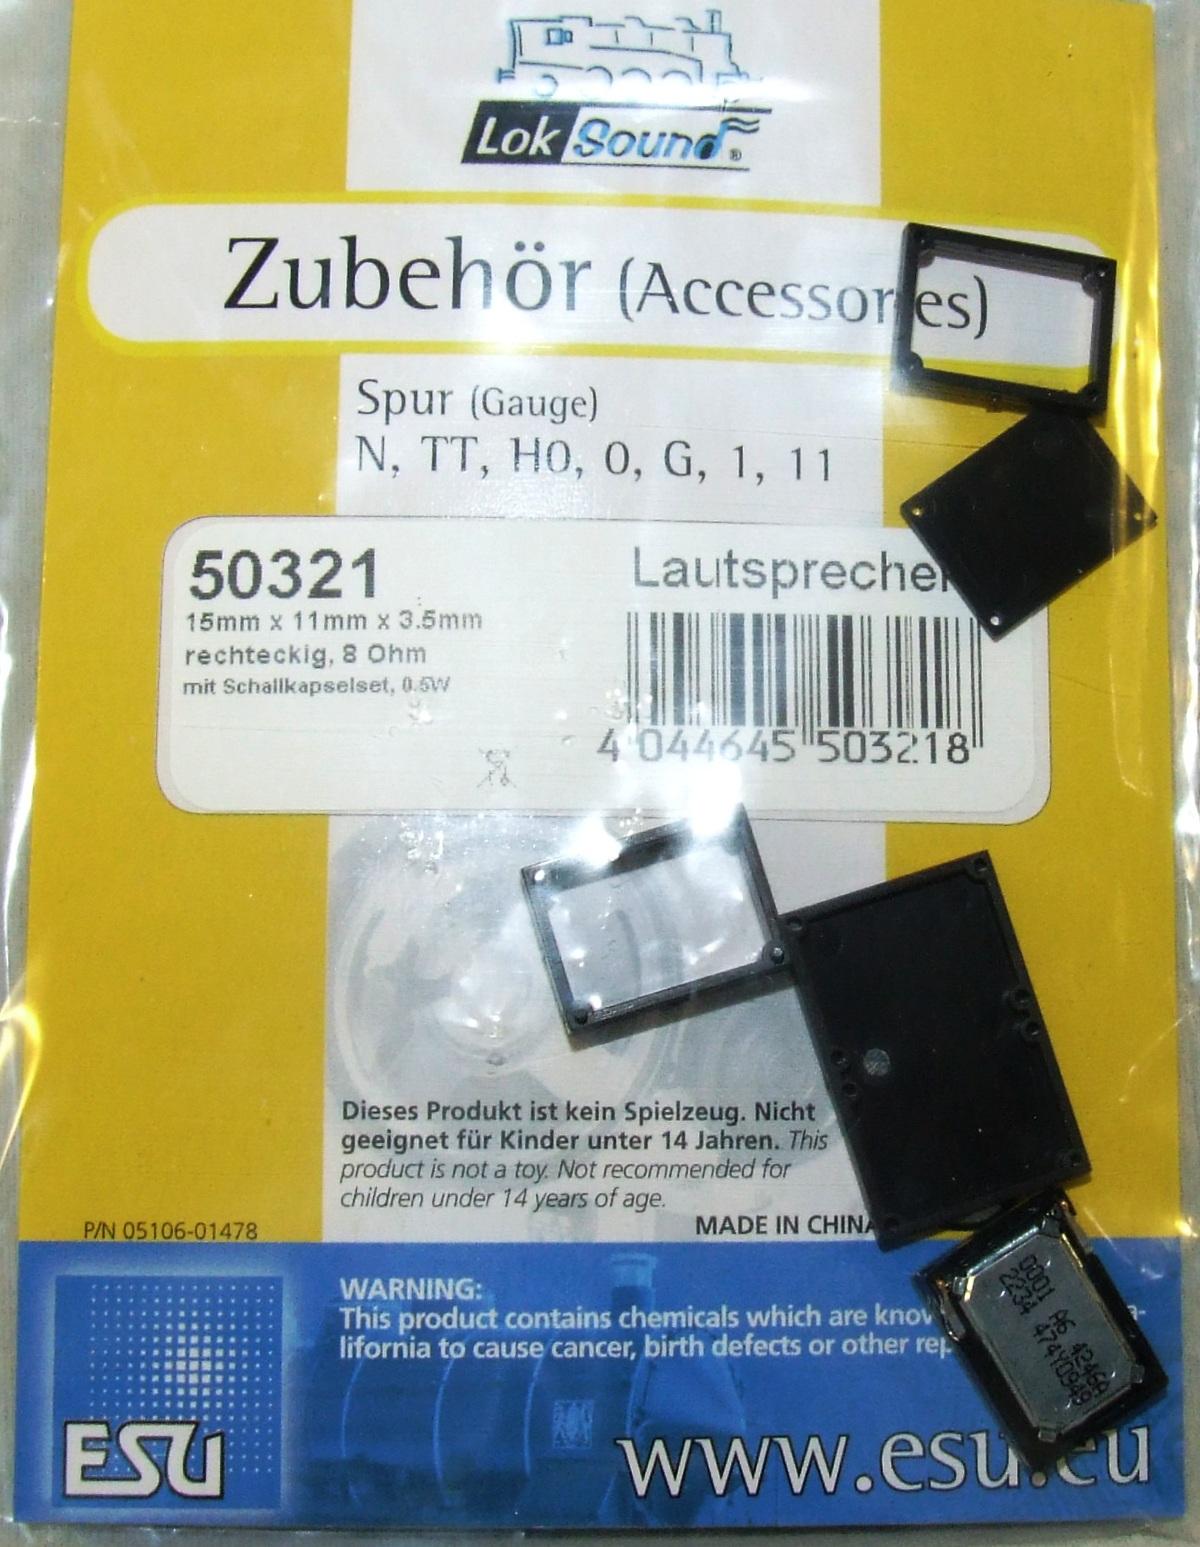 ESU  50321 Lautsprecher 15mm x 11mm x 3.5mm, rechteckig, 8 Ohm, mit Schallkap